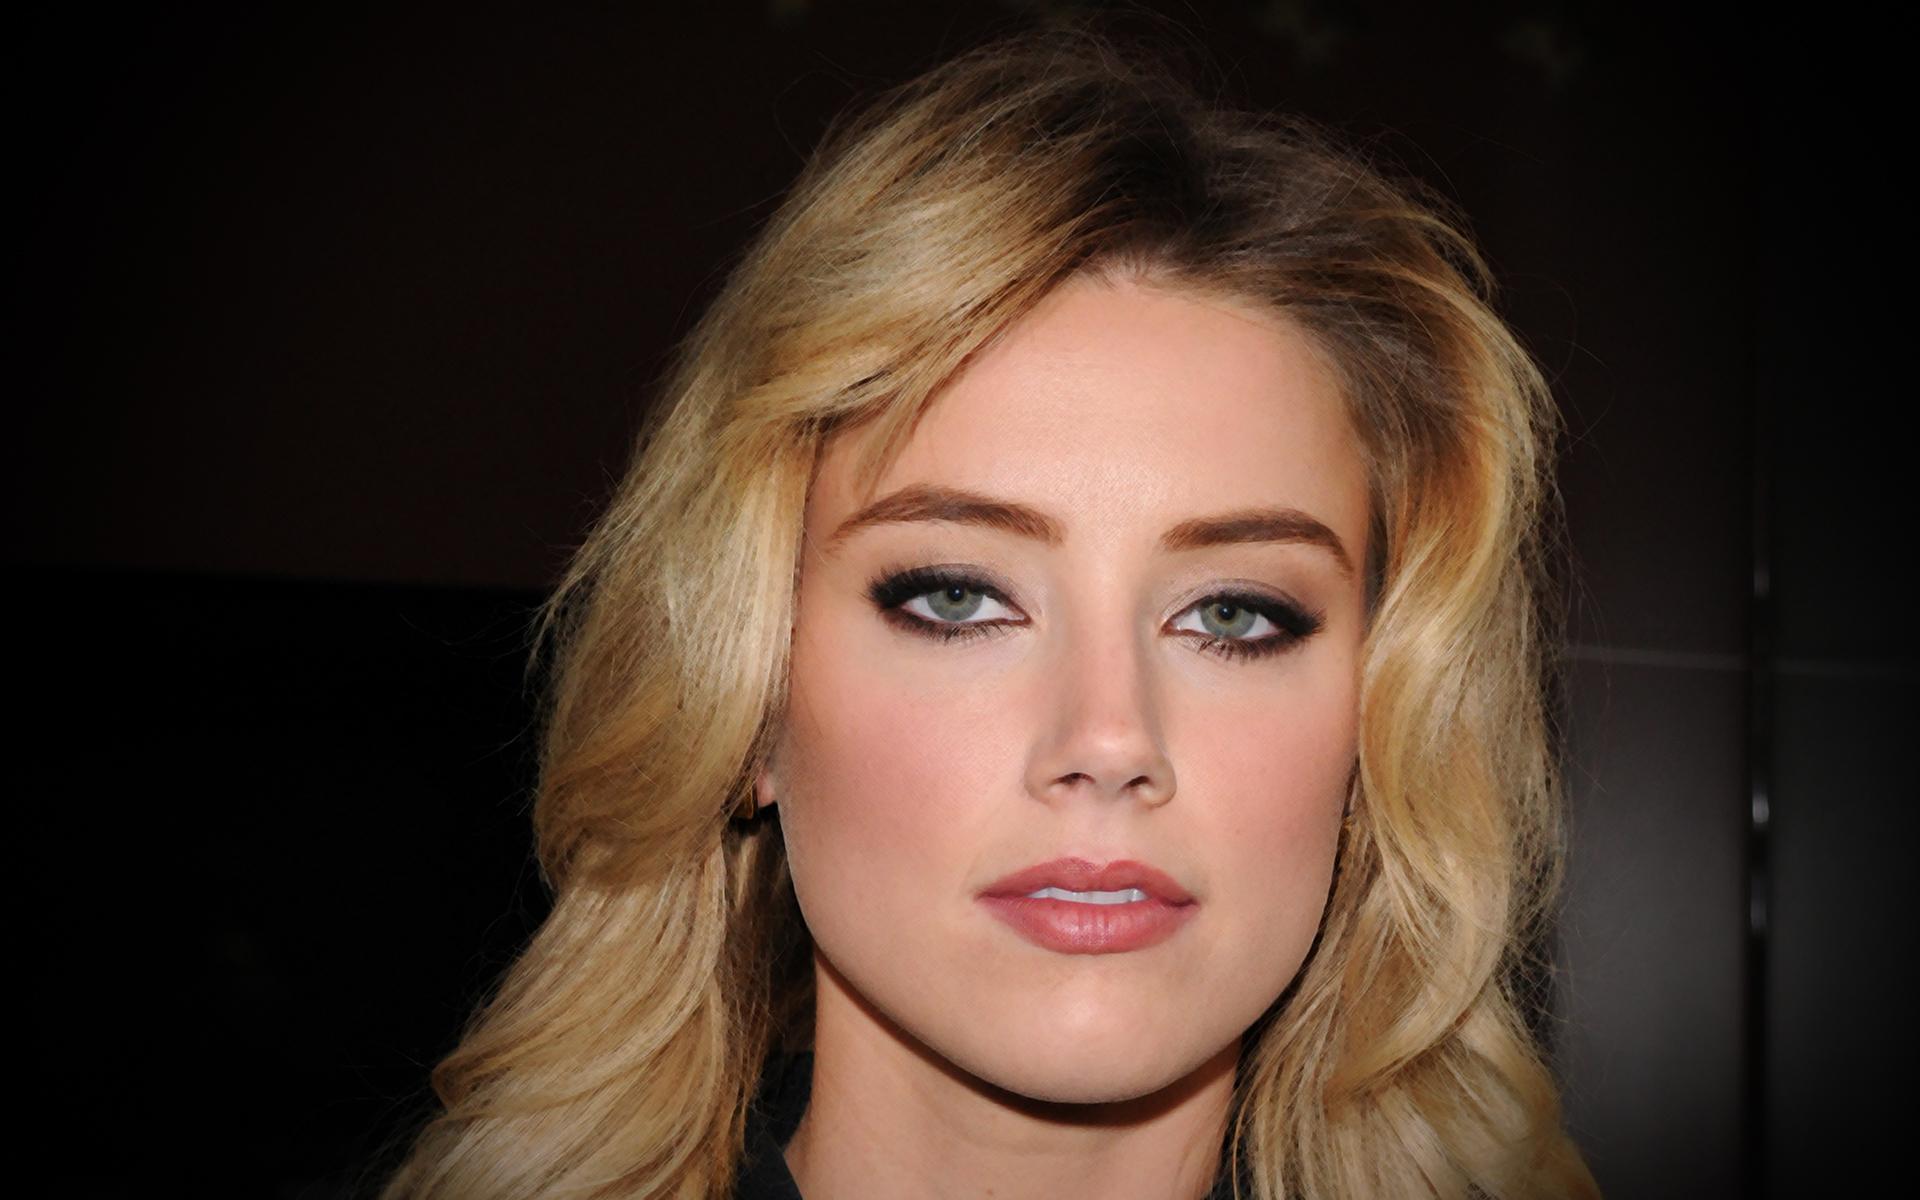 La bella mirada de Amber Heard - 1920x1200